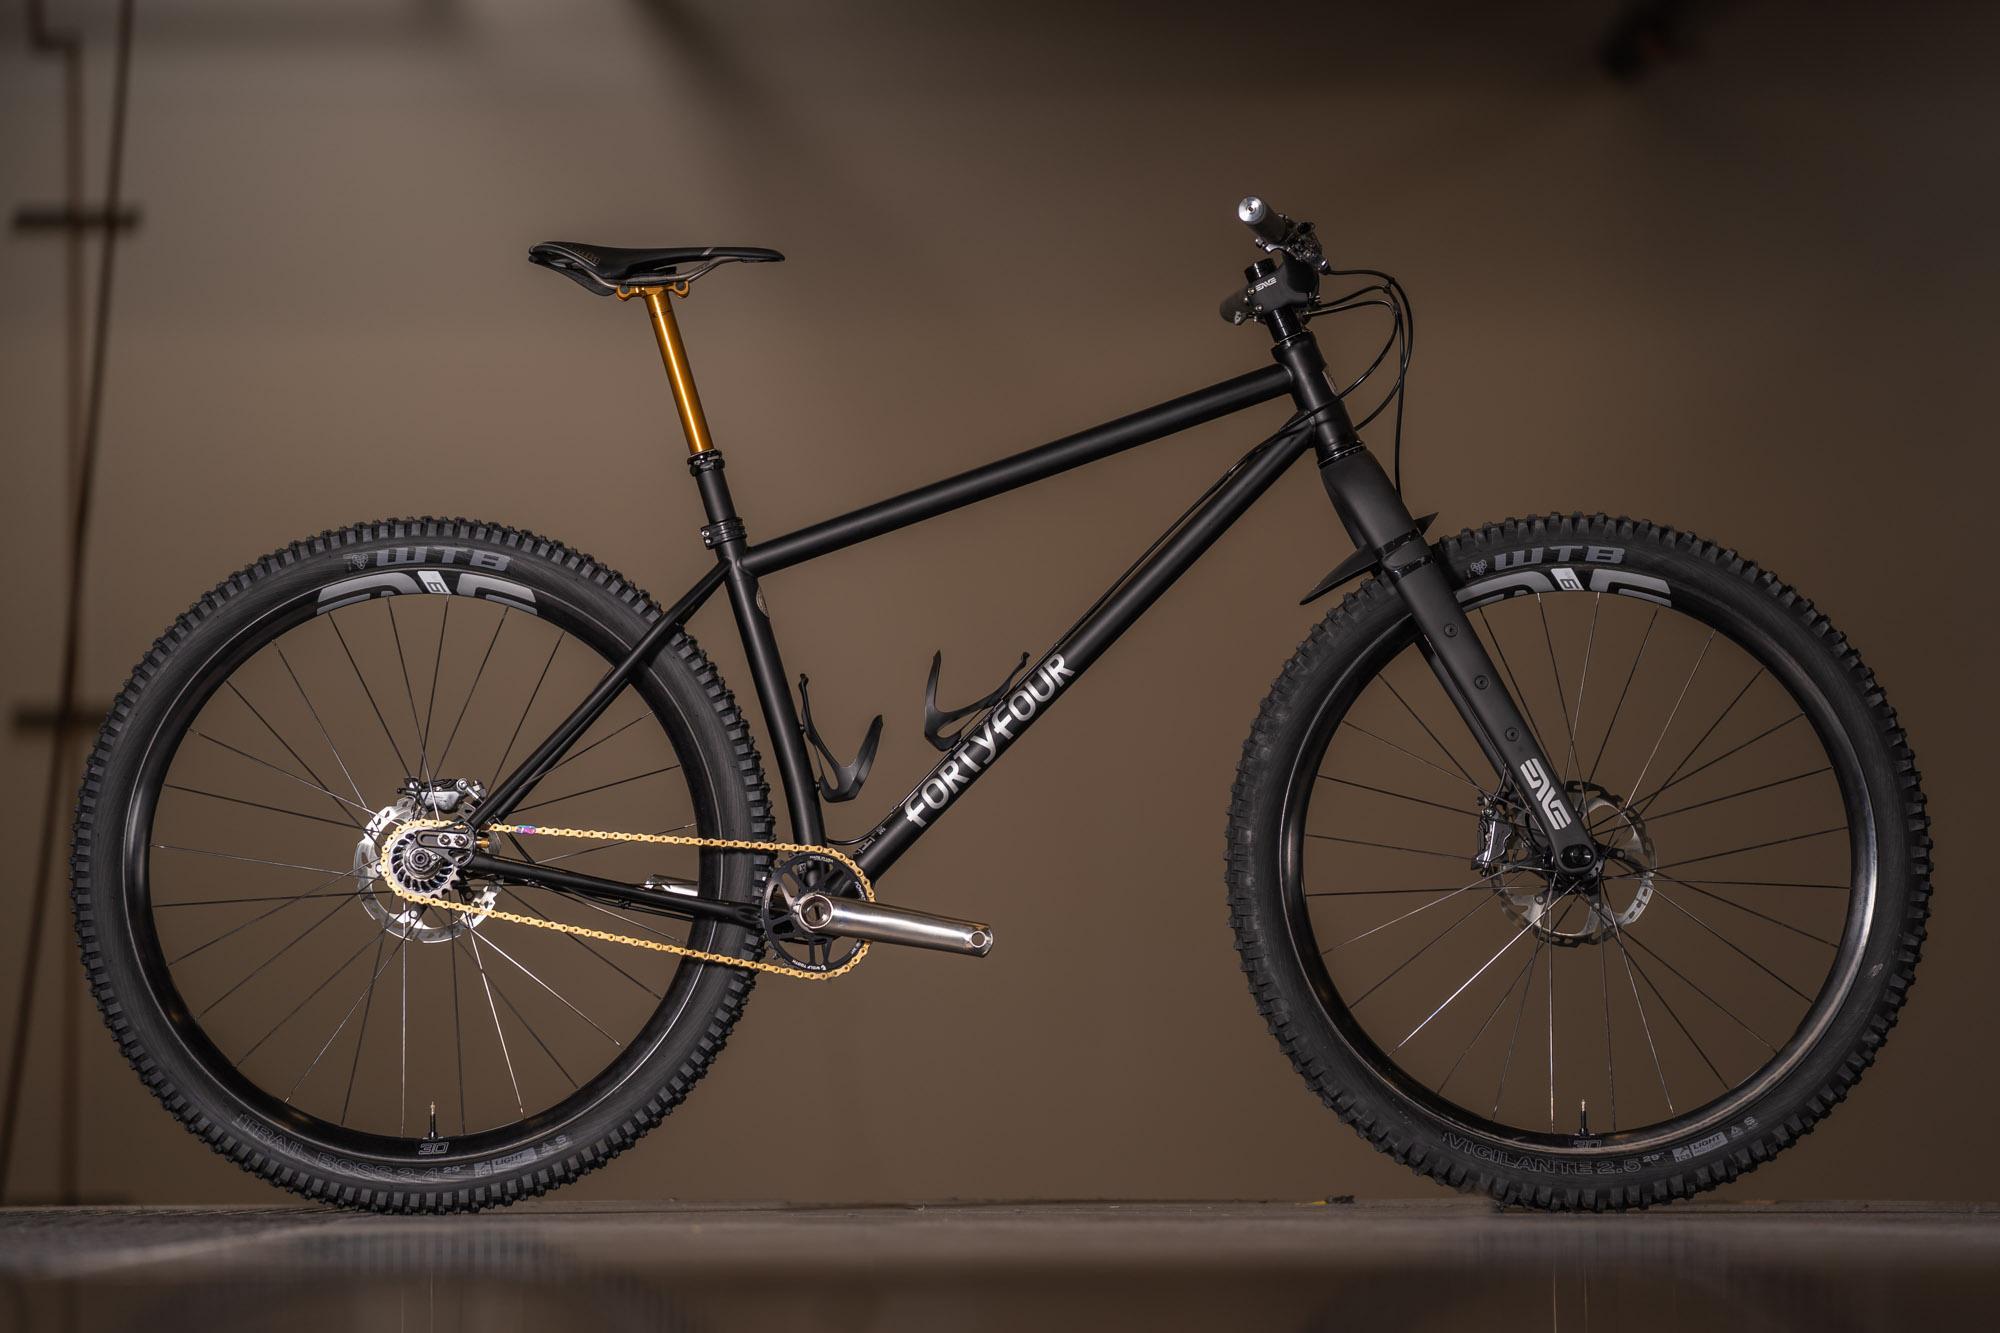 44 Bikes